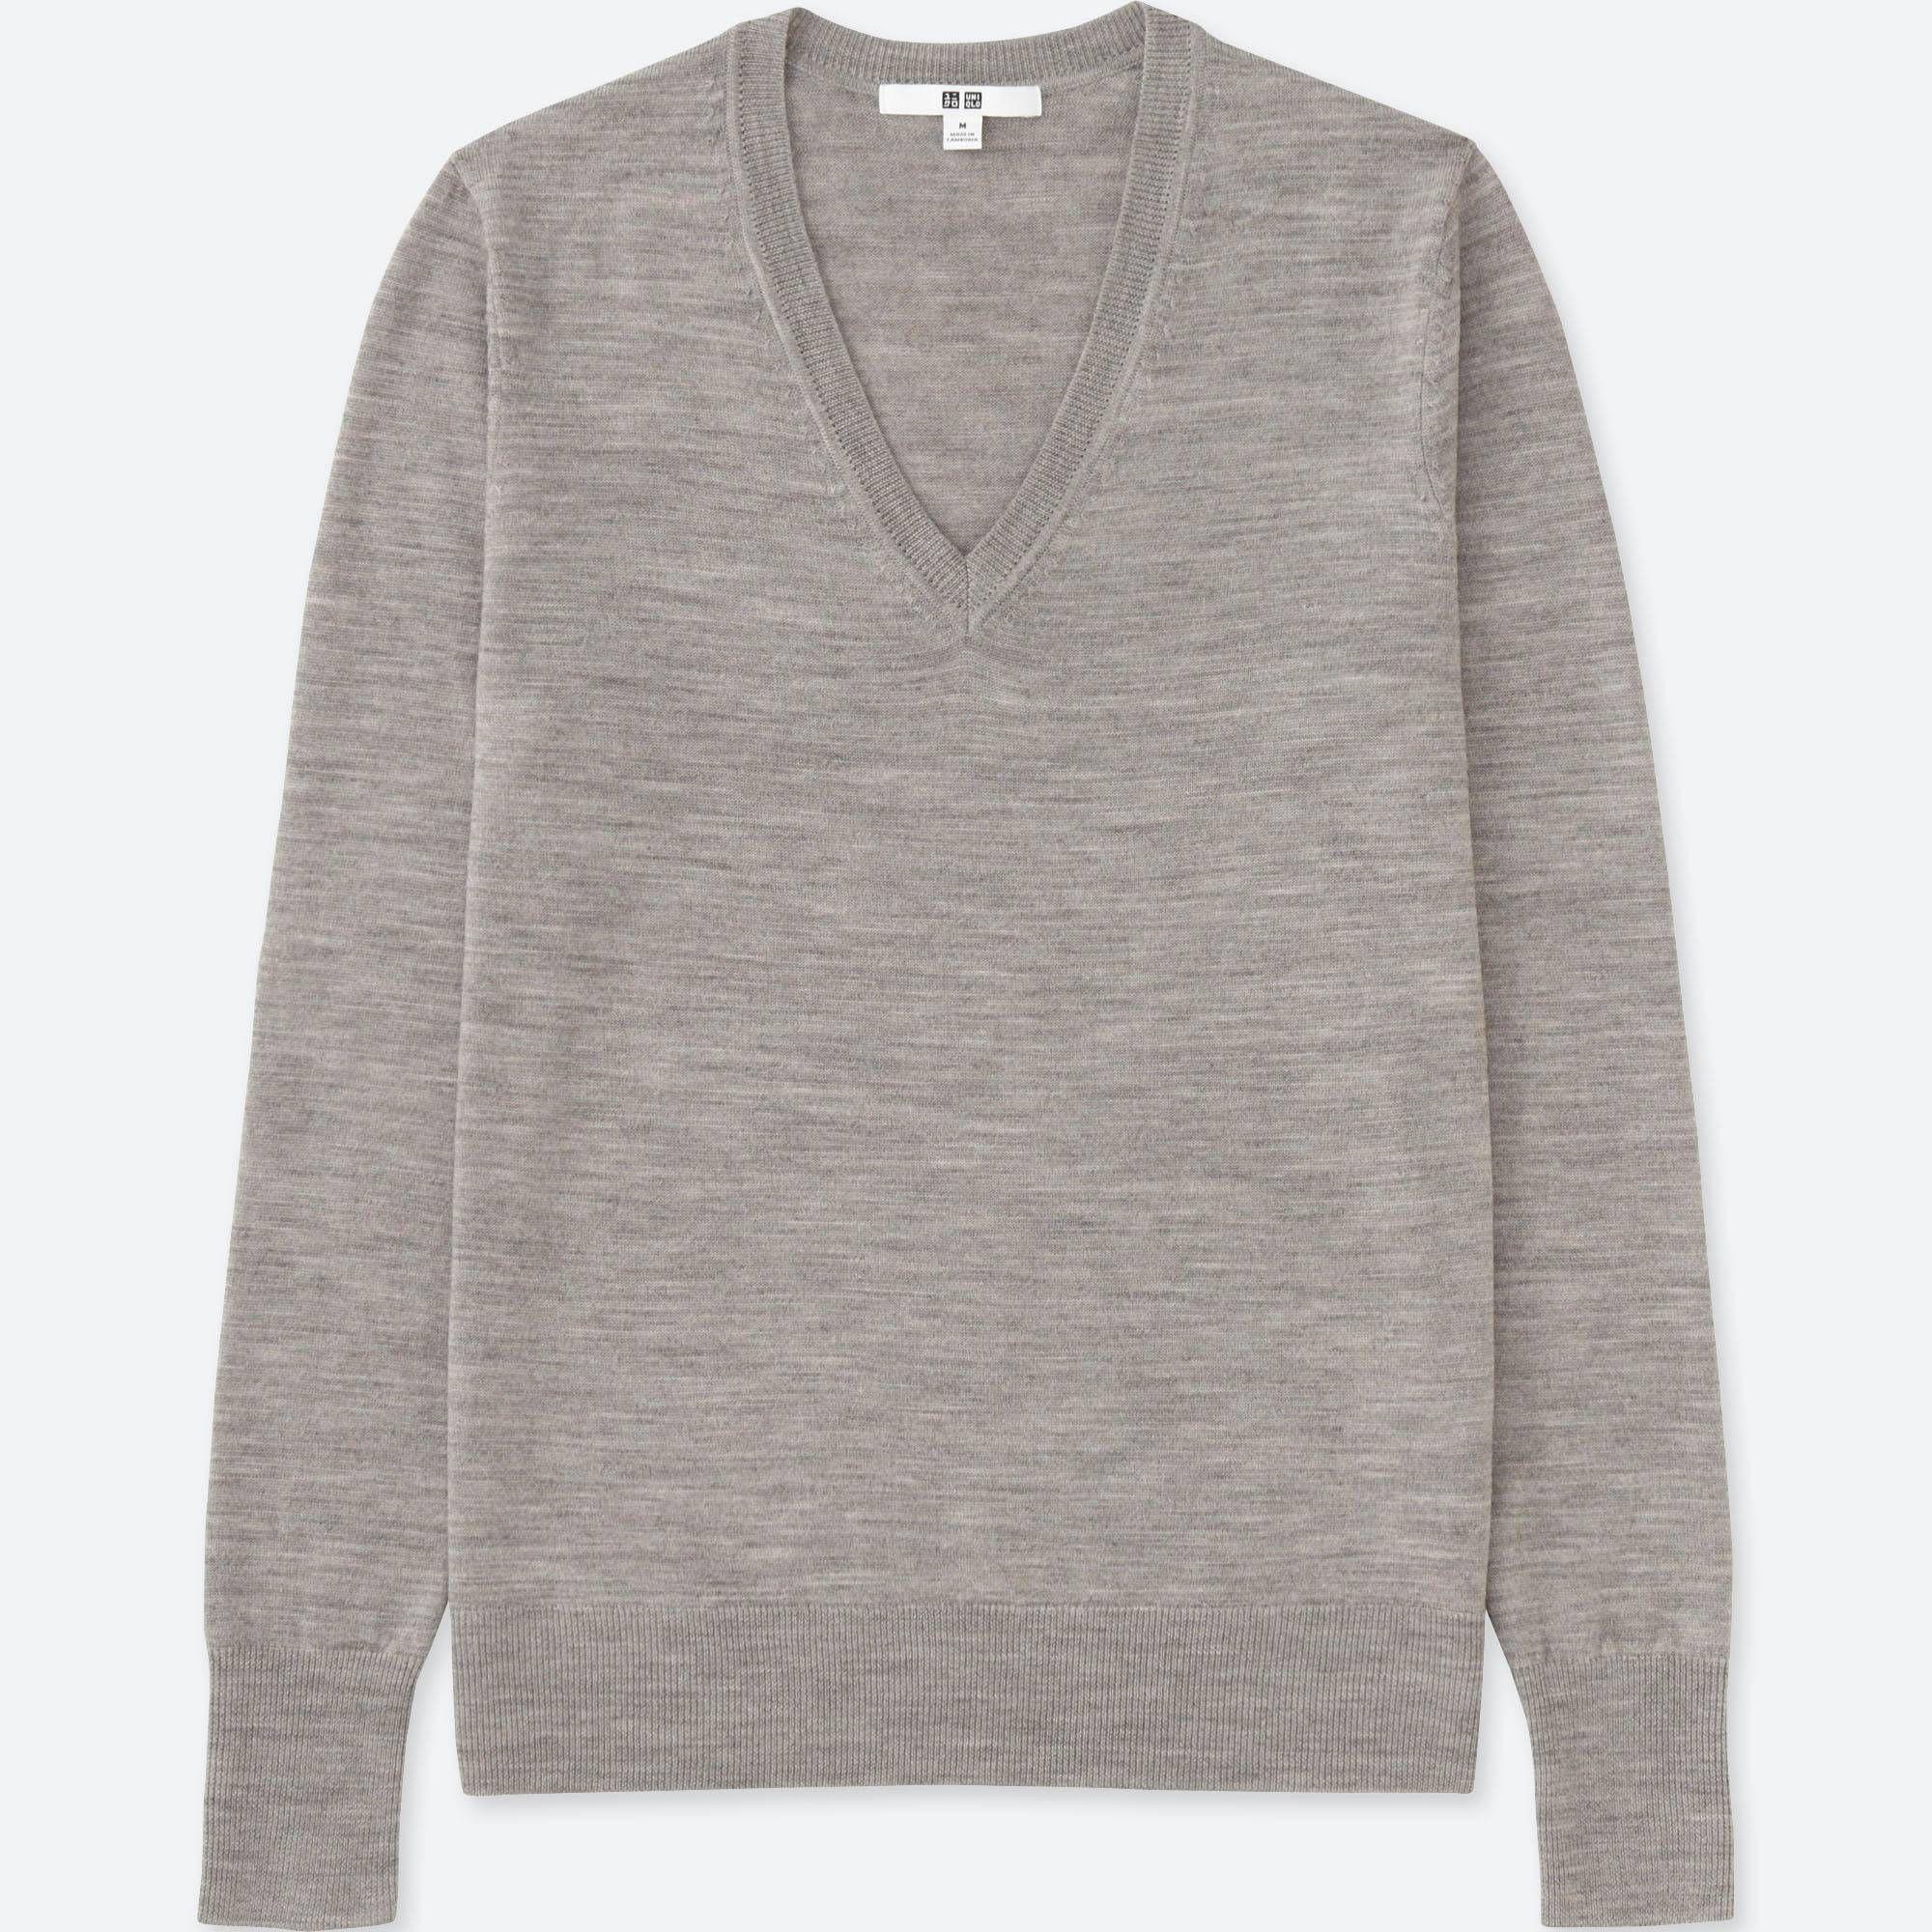 Women extra fine merino wool vneck sweater fall capsule wardrobe